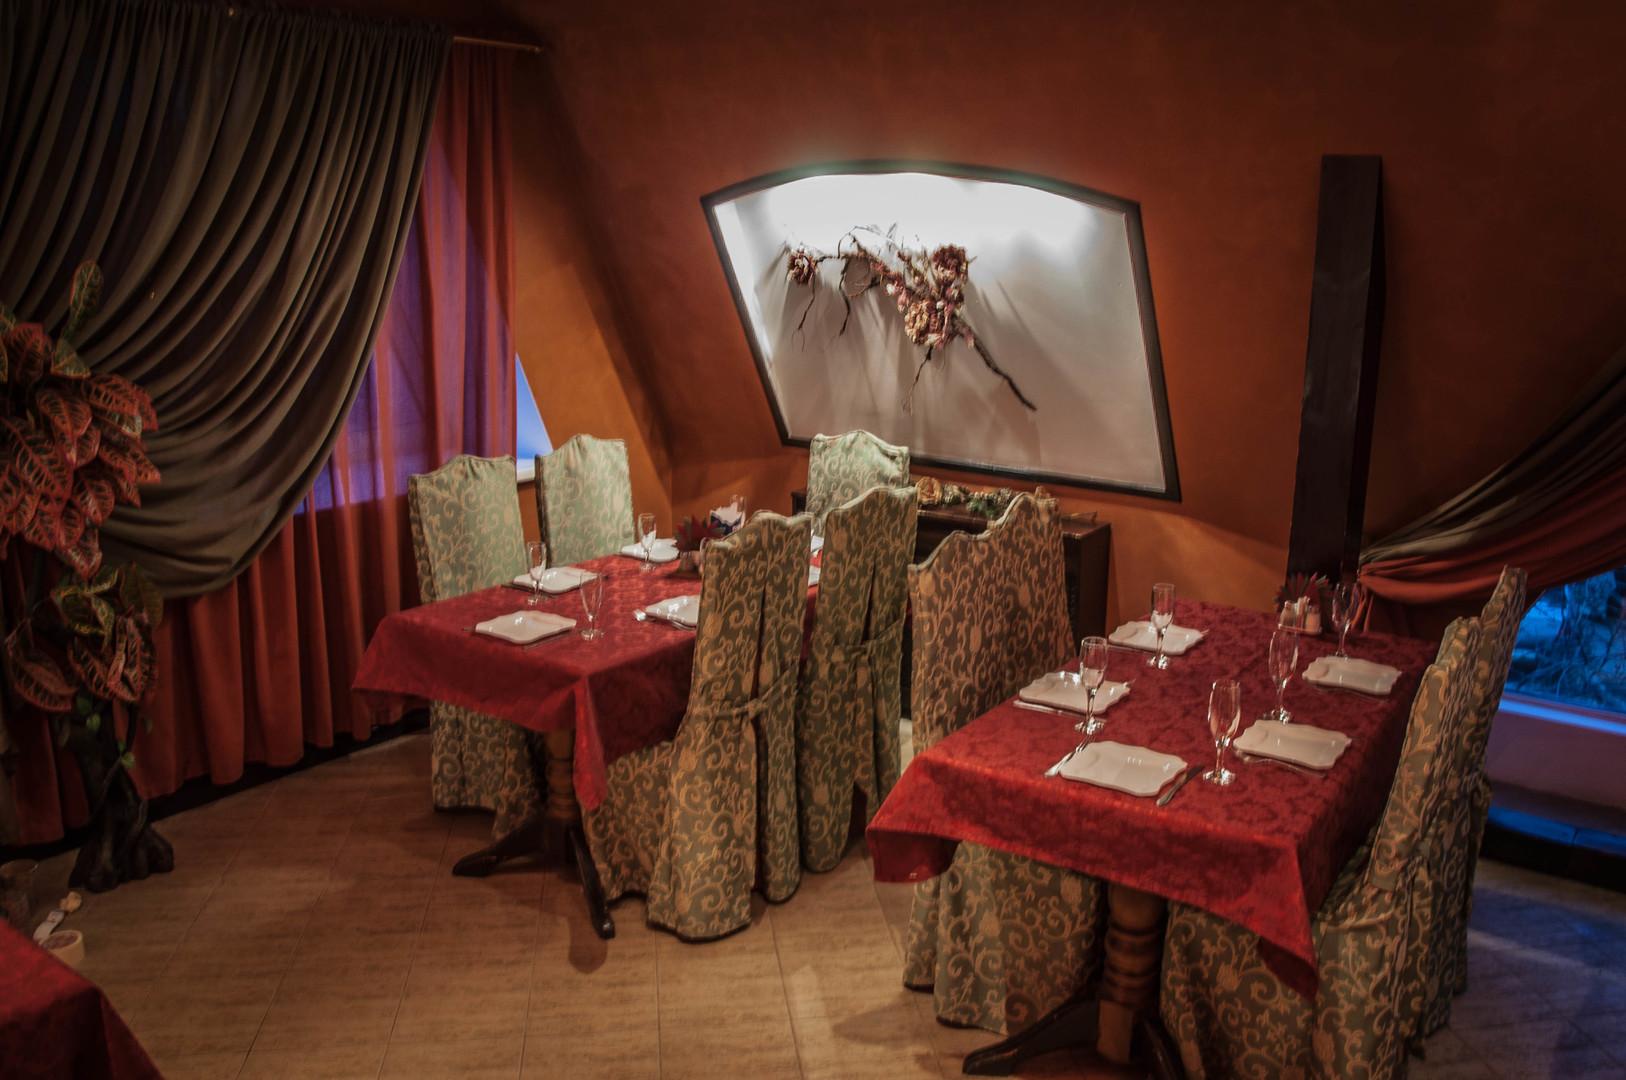 архитектурный ресторан амстердам город усинск с фото отзывы все приготовления торжественному